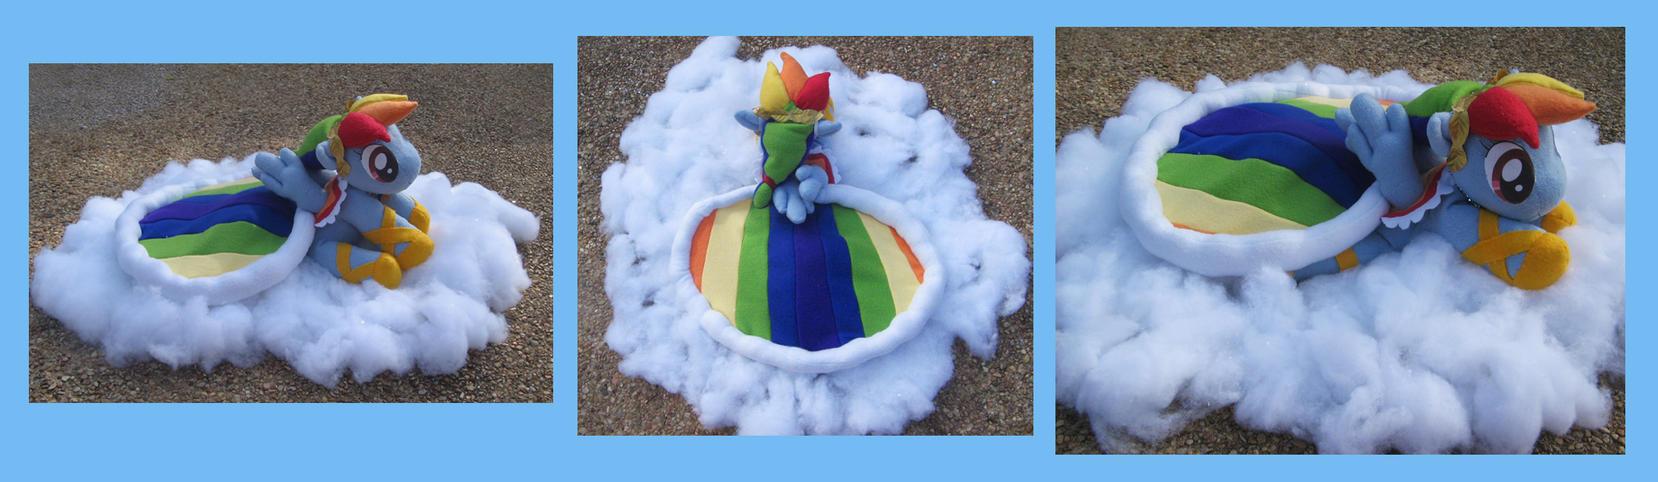 Singing Rainbow Dash plush by Gitzyrulz